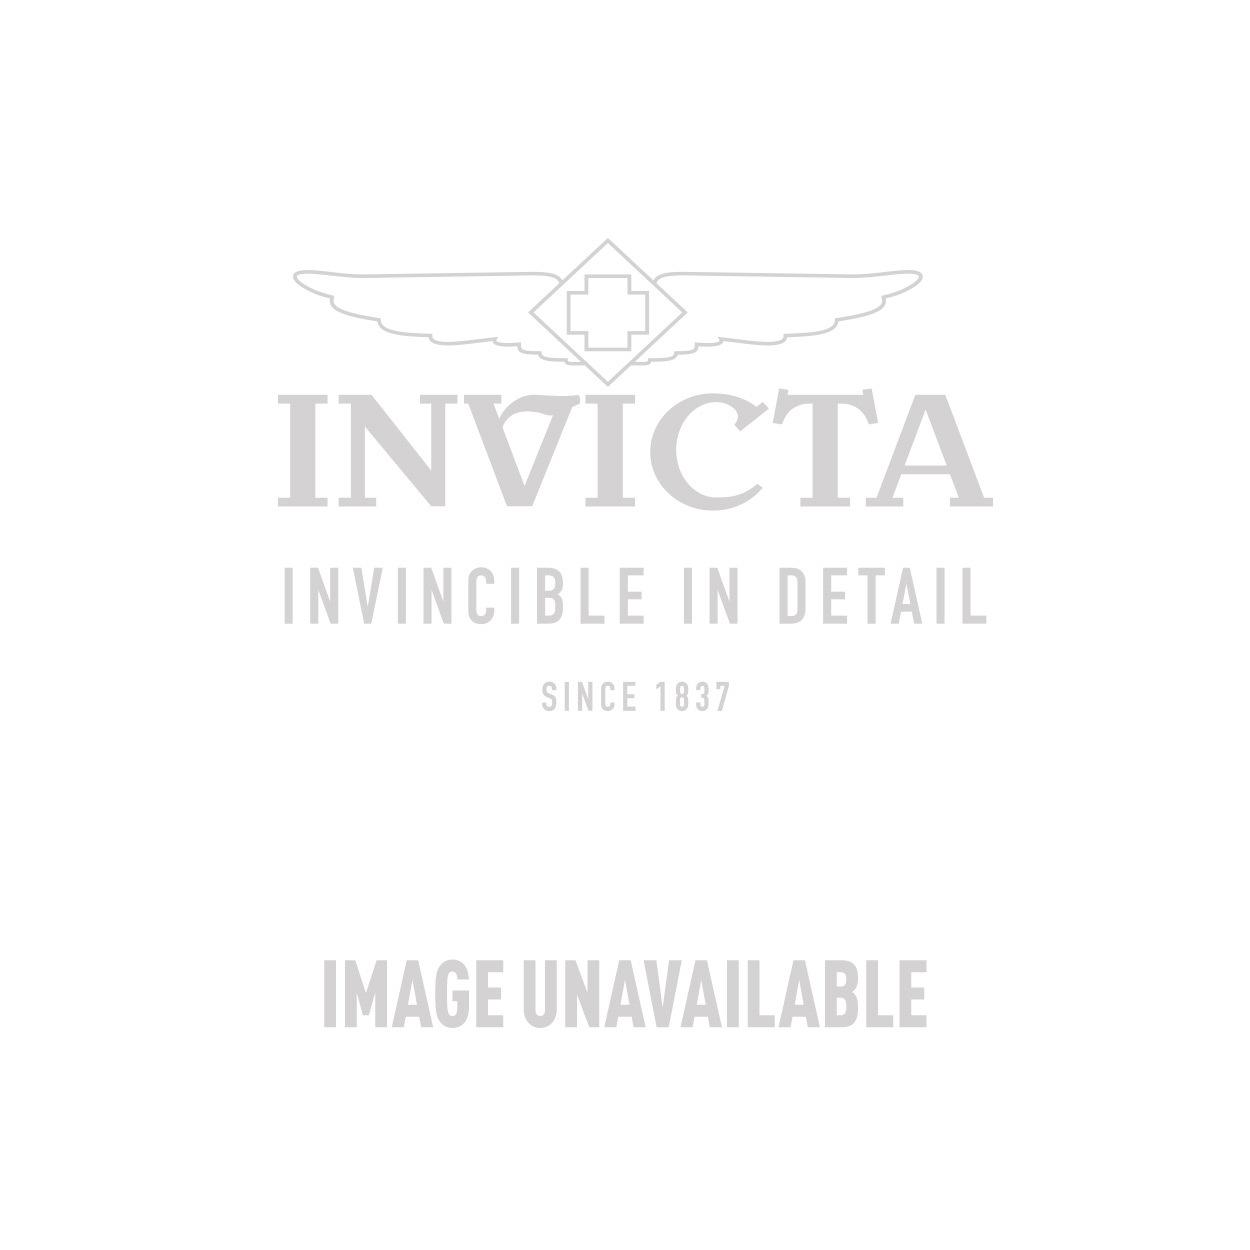 Invicta Model 24810